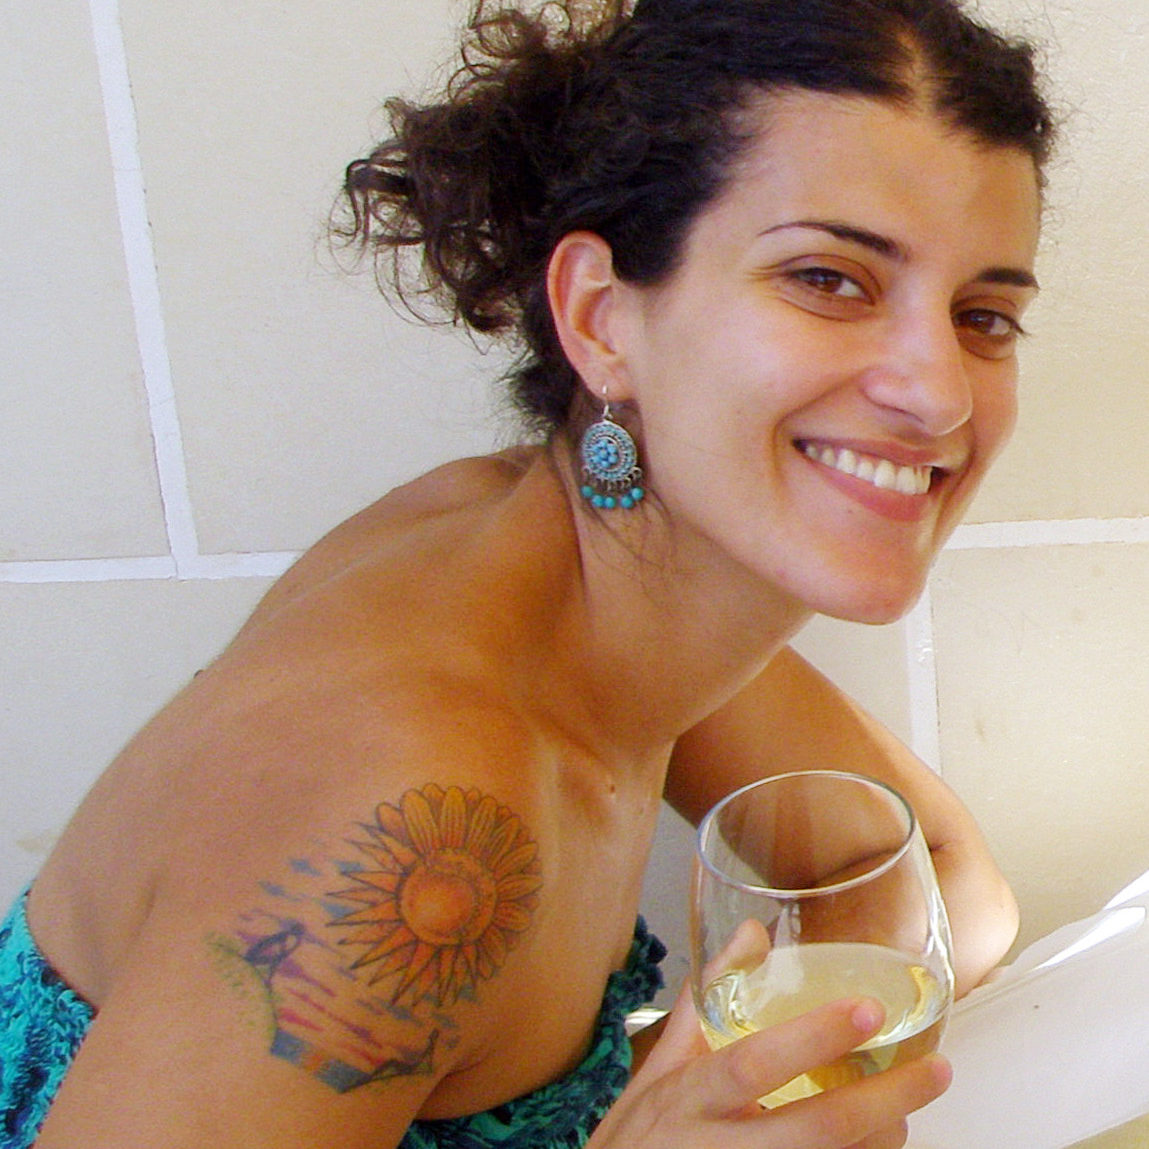 Amelia Congiatta